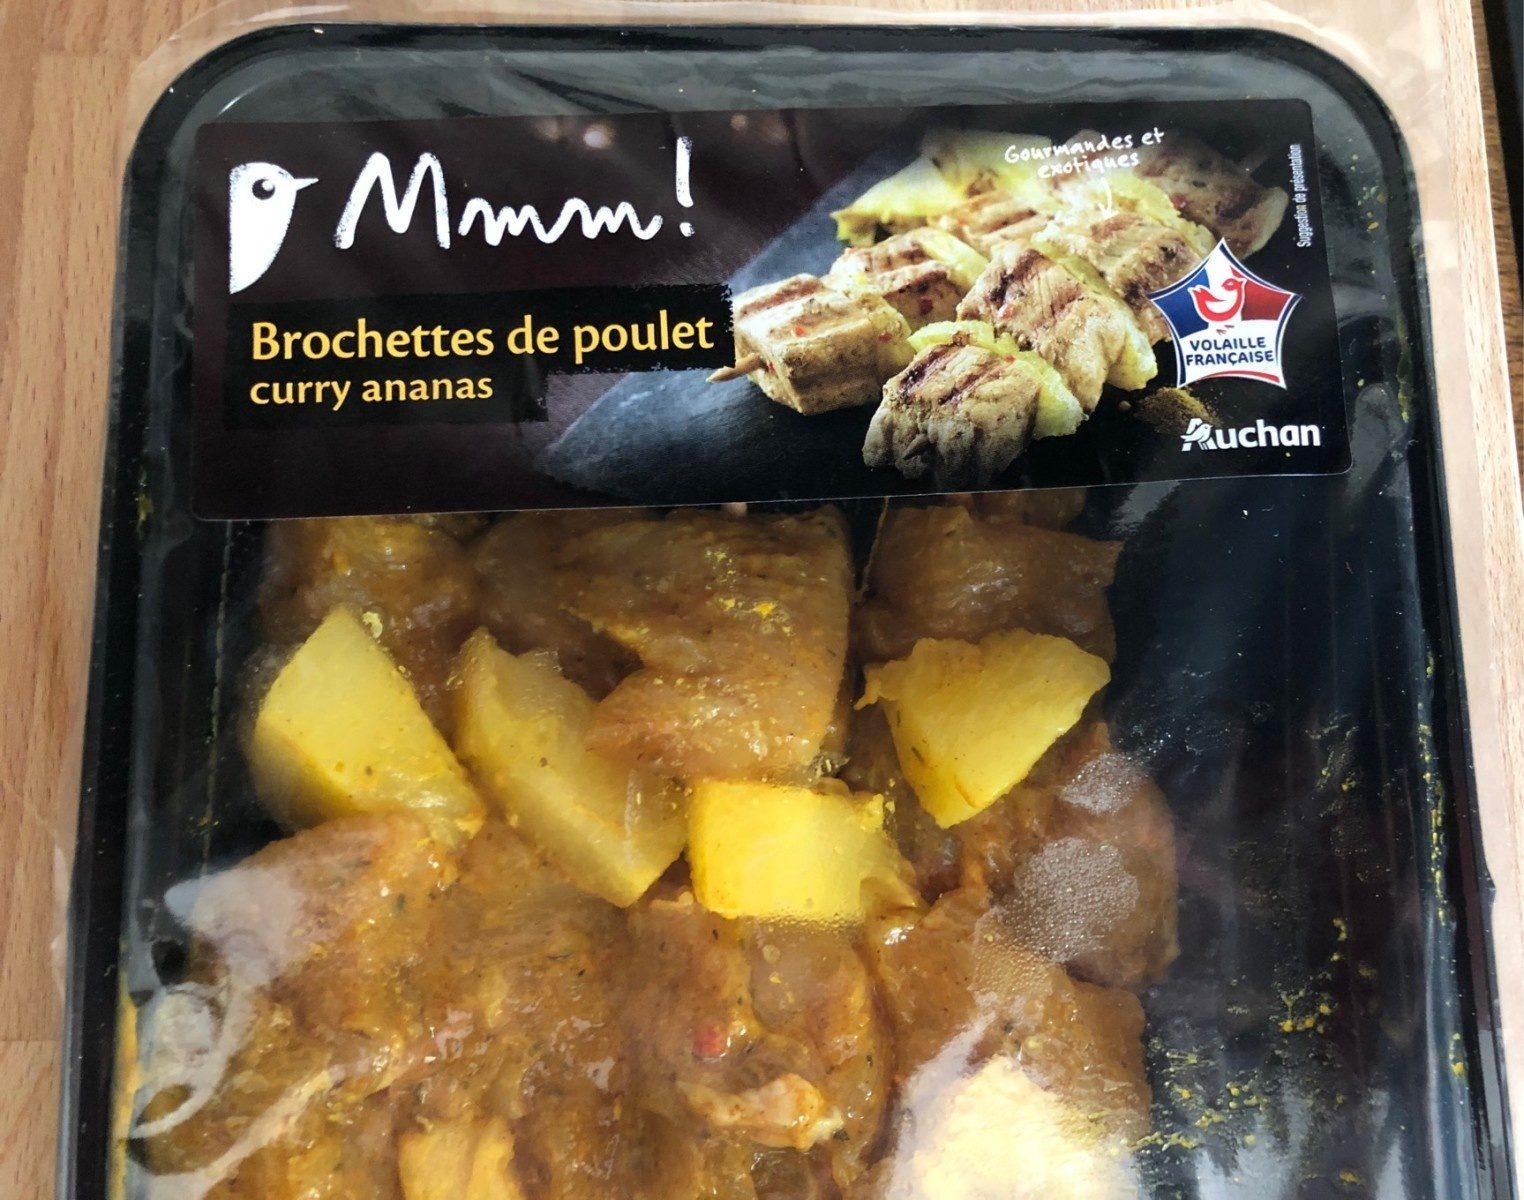 Brochettes de poulet curry ananas - Produit - fr